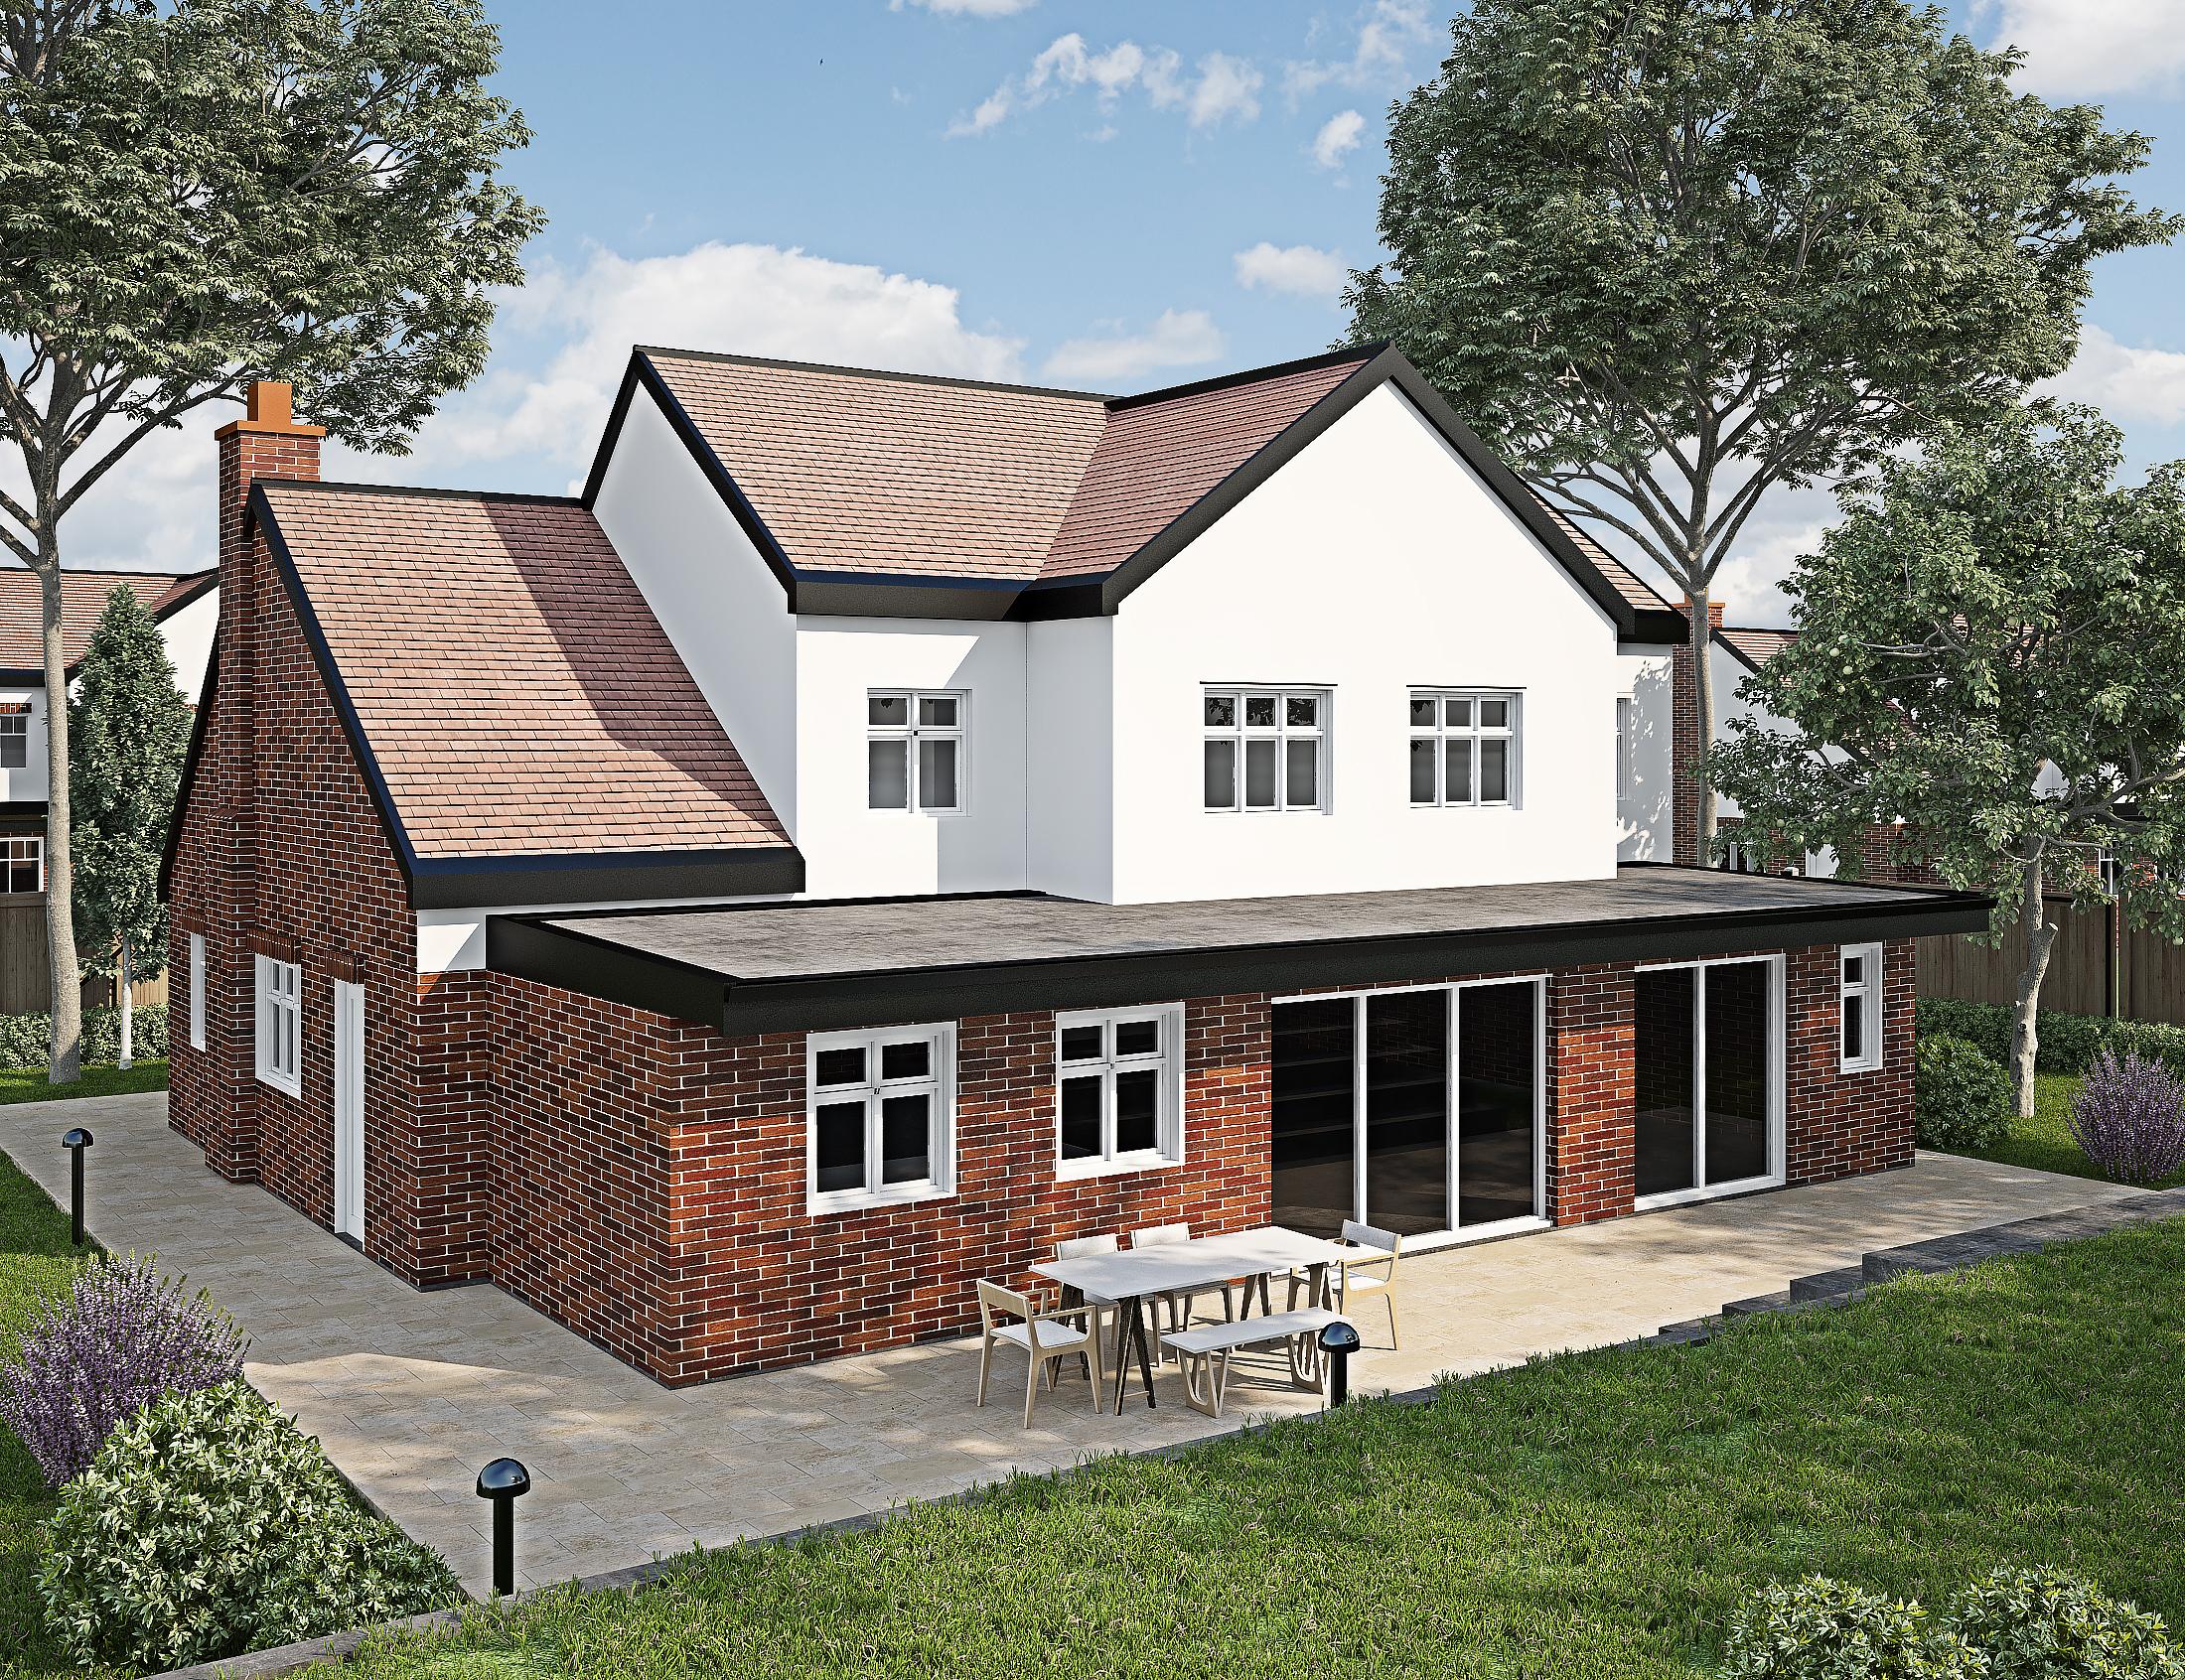 336-Wakehams Hill, Pinner,Harrow v1